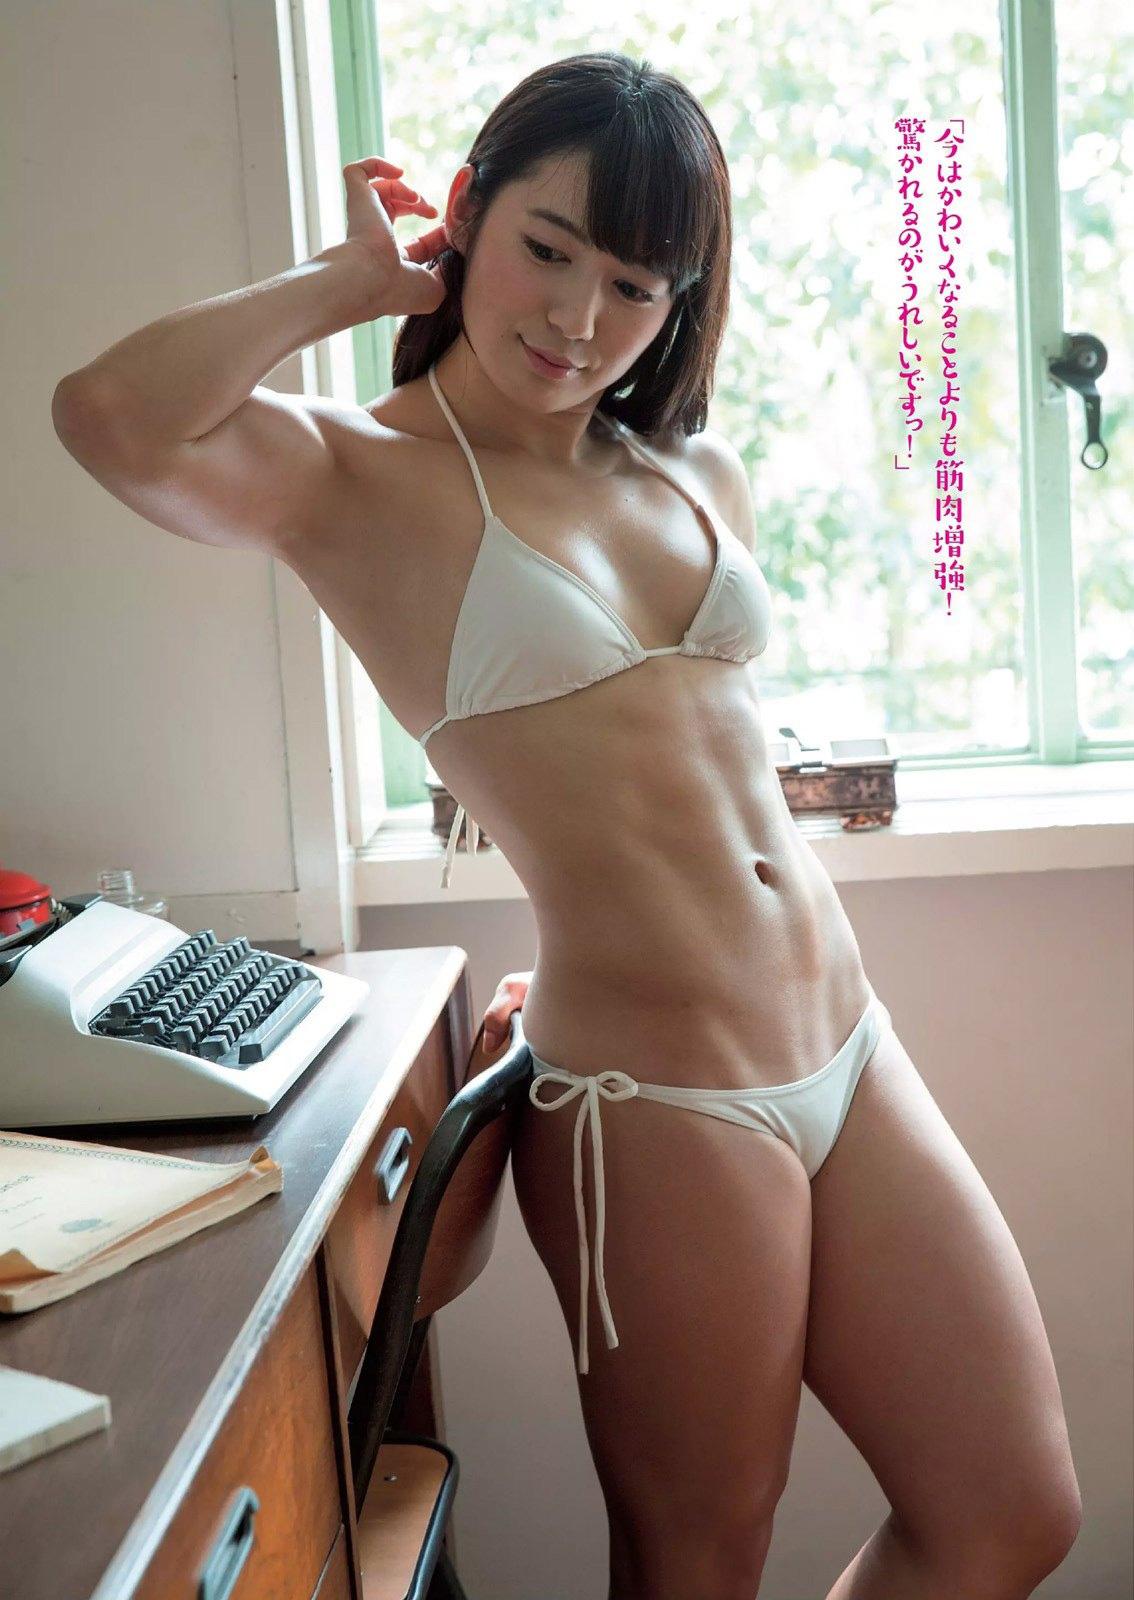 才木玲佳 筋肉あいどるのカッチカチな小さい乳お乳☆マッスルエンジェル